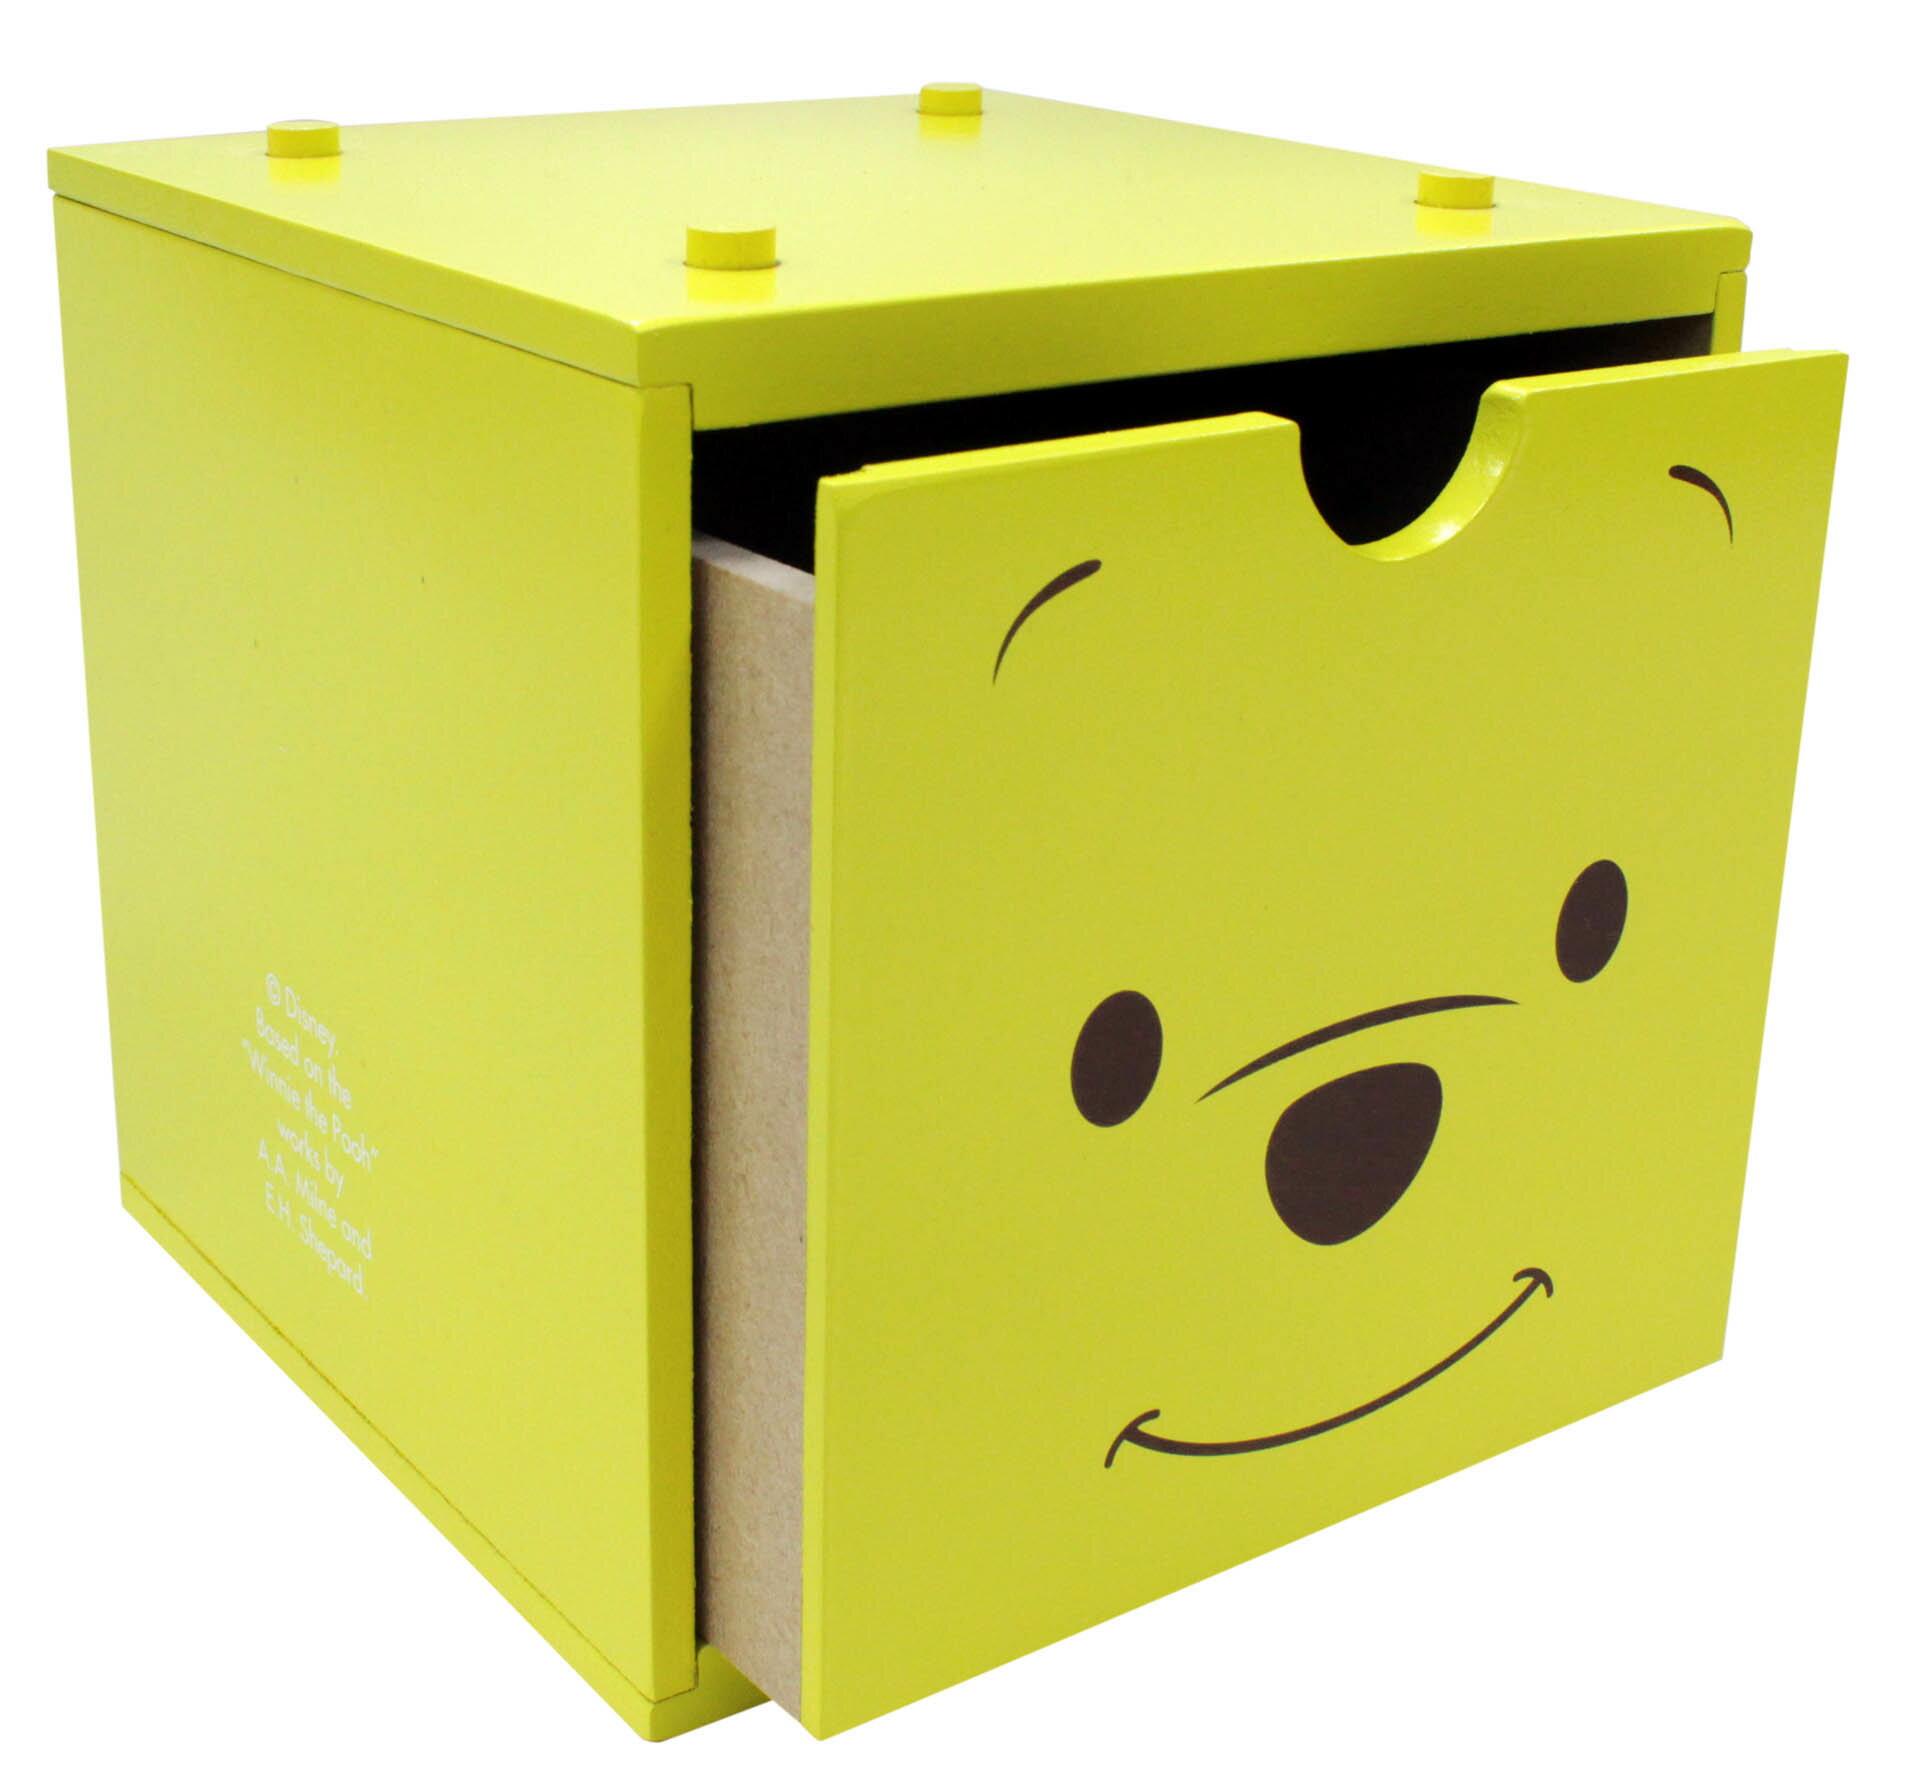 【真愛日本】16122900006積木收納盒-PH   迪士尼 小熊維尼 POOH 維尼熊 居家 收納盒 正品 限量